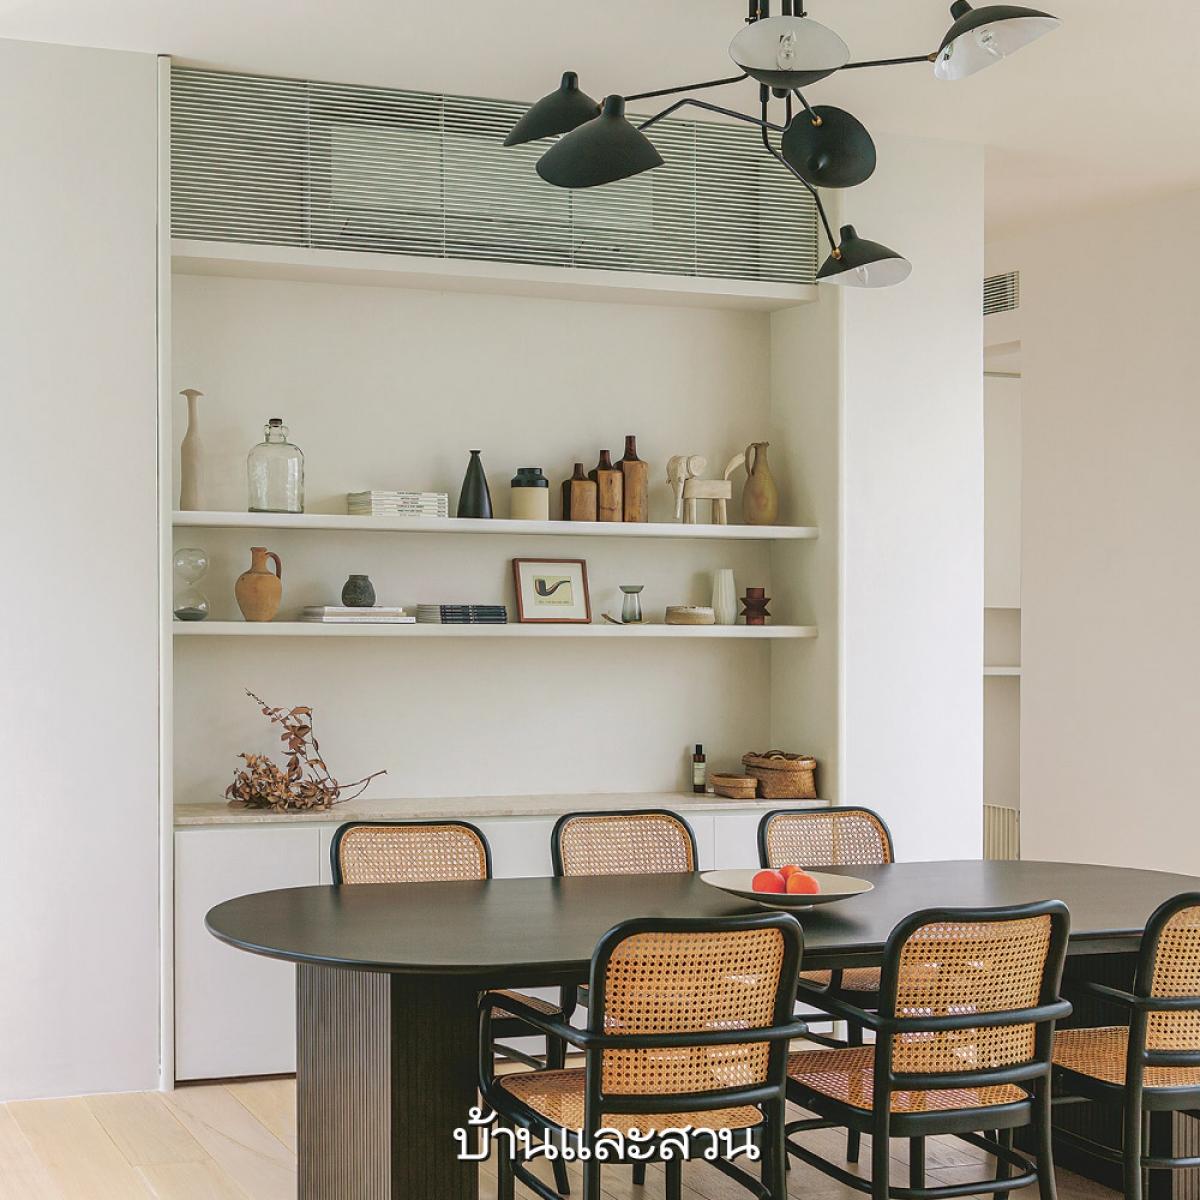 Phòng ăn ngăn cách với phòng khách qua một kệ mở, giúp tăng khả năng lưu trữ.